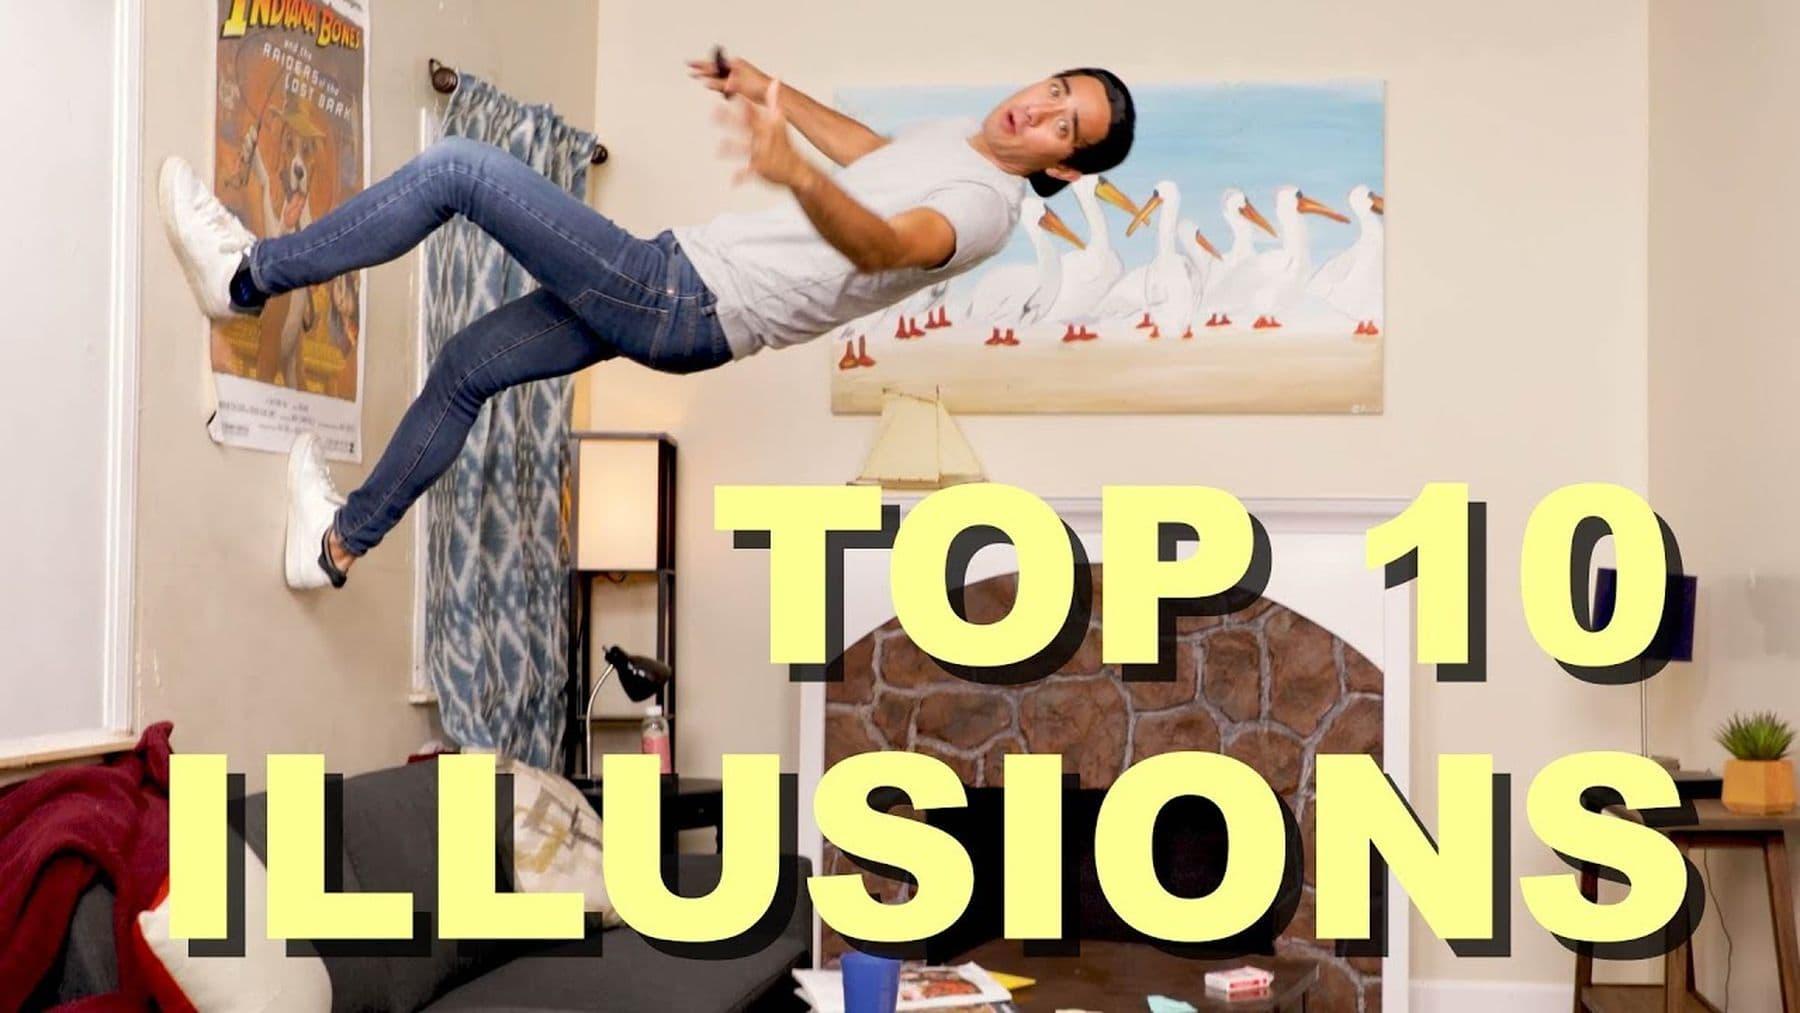 Die 10 besten Clips von Zach King 2020 | Awesome | Was is hier eigentlich los?